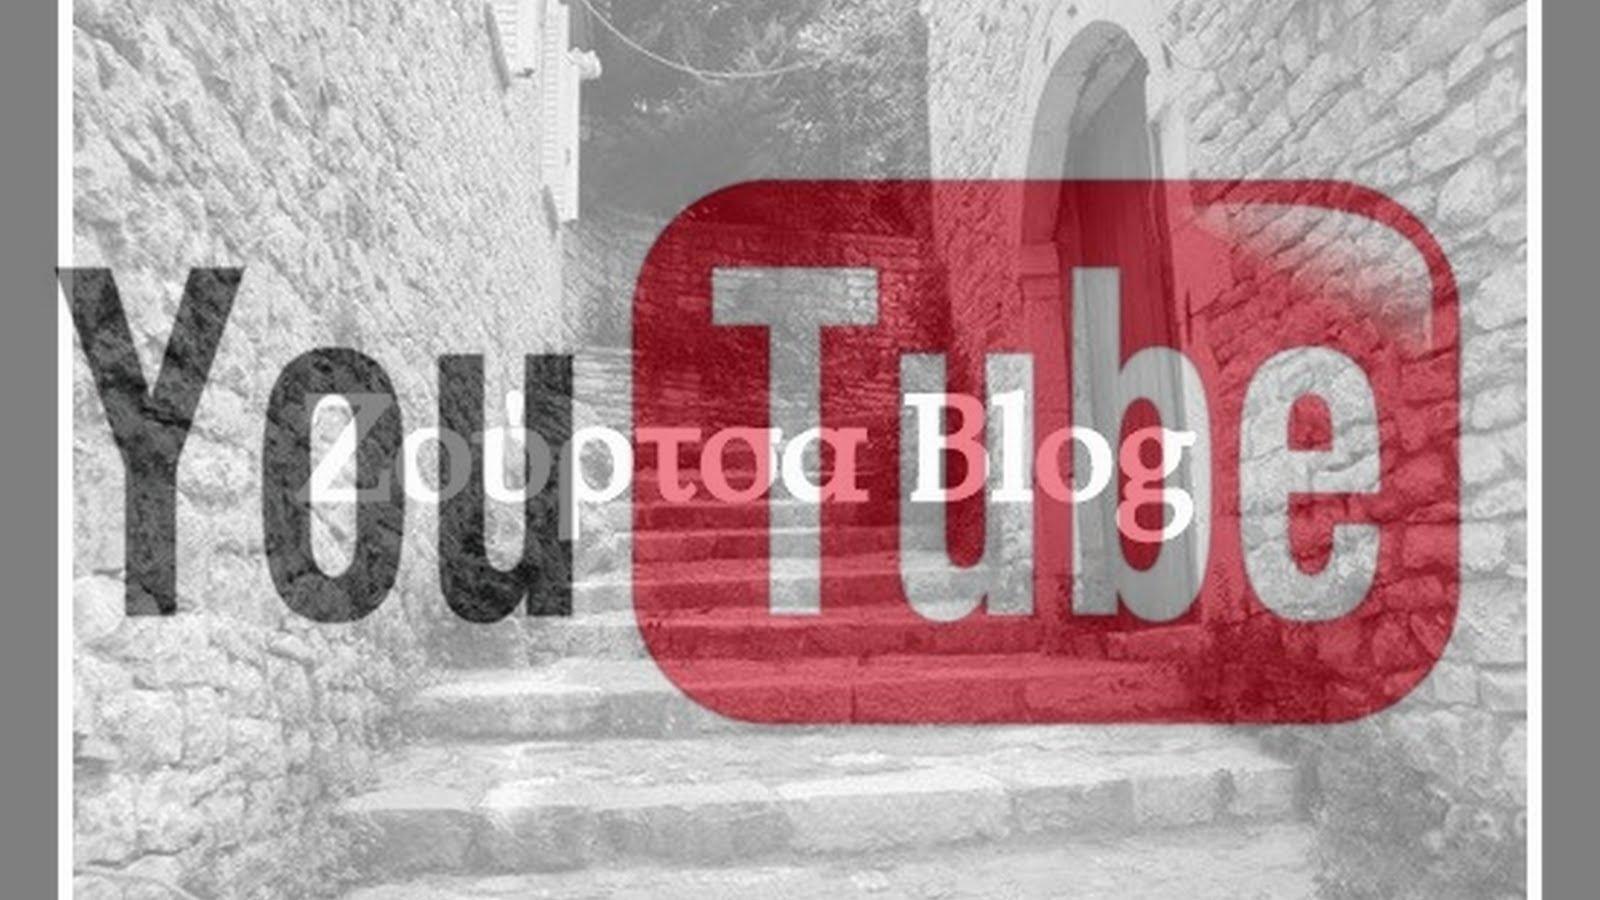 Το Ζουρτσα Blog στο YouTube!